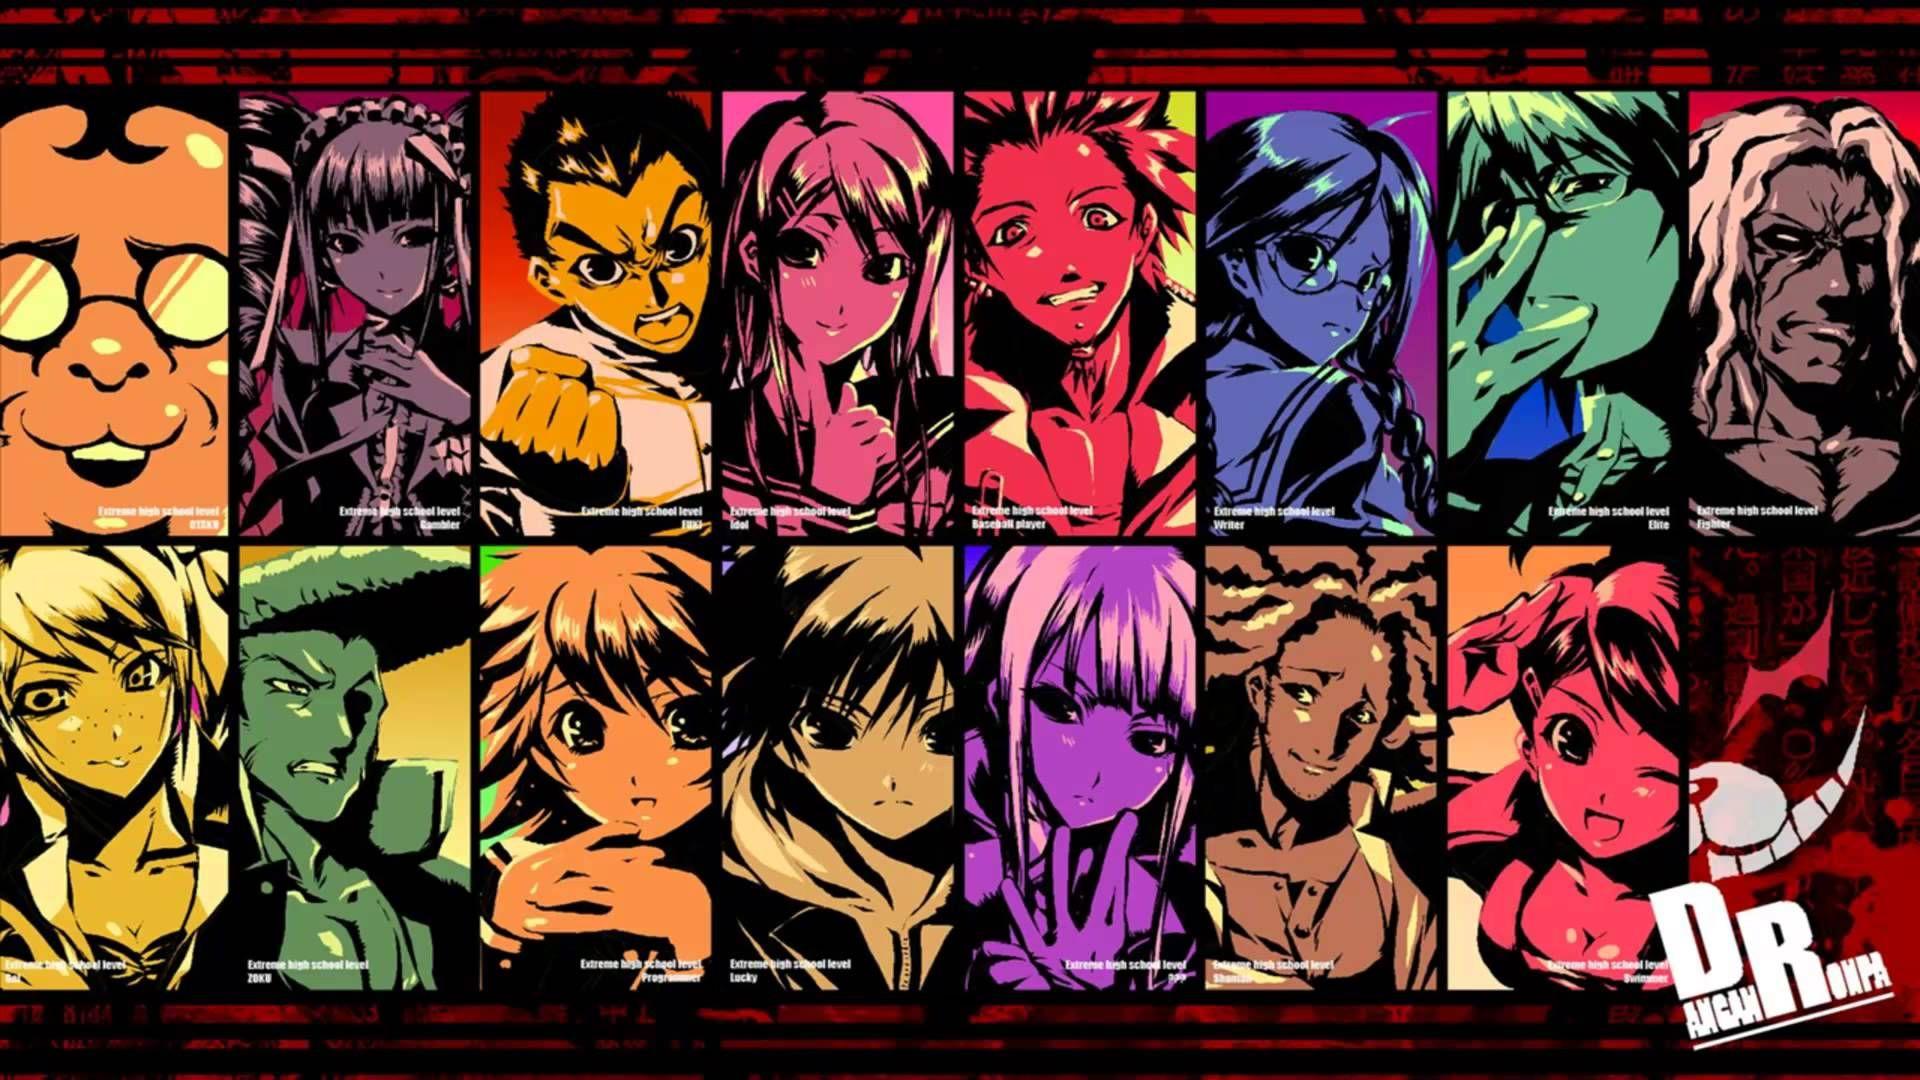 Danganronpa Game HD Wallpaper Puwedeng Gawin Pinterest